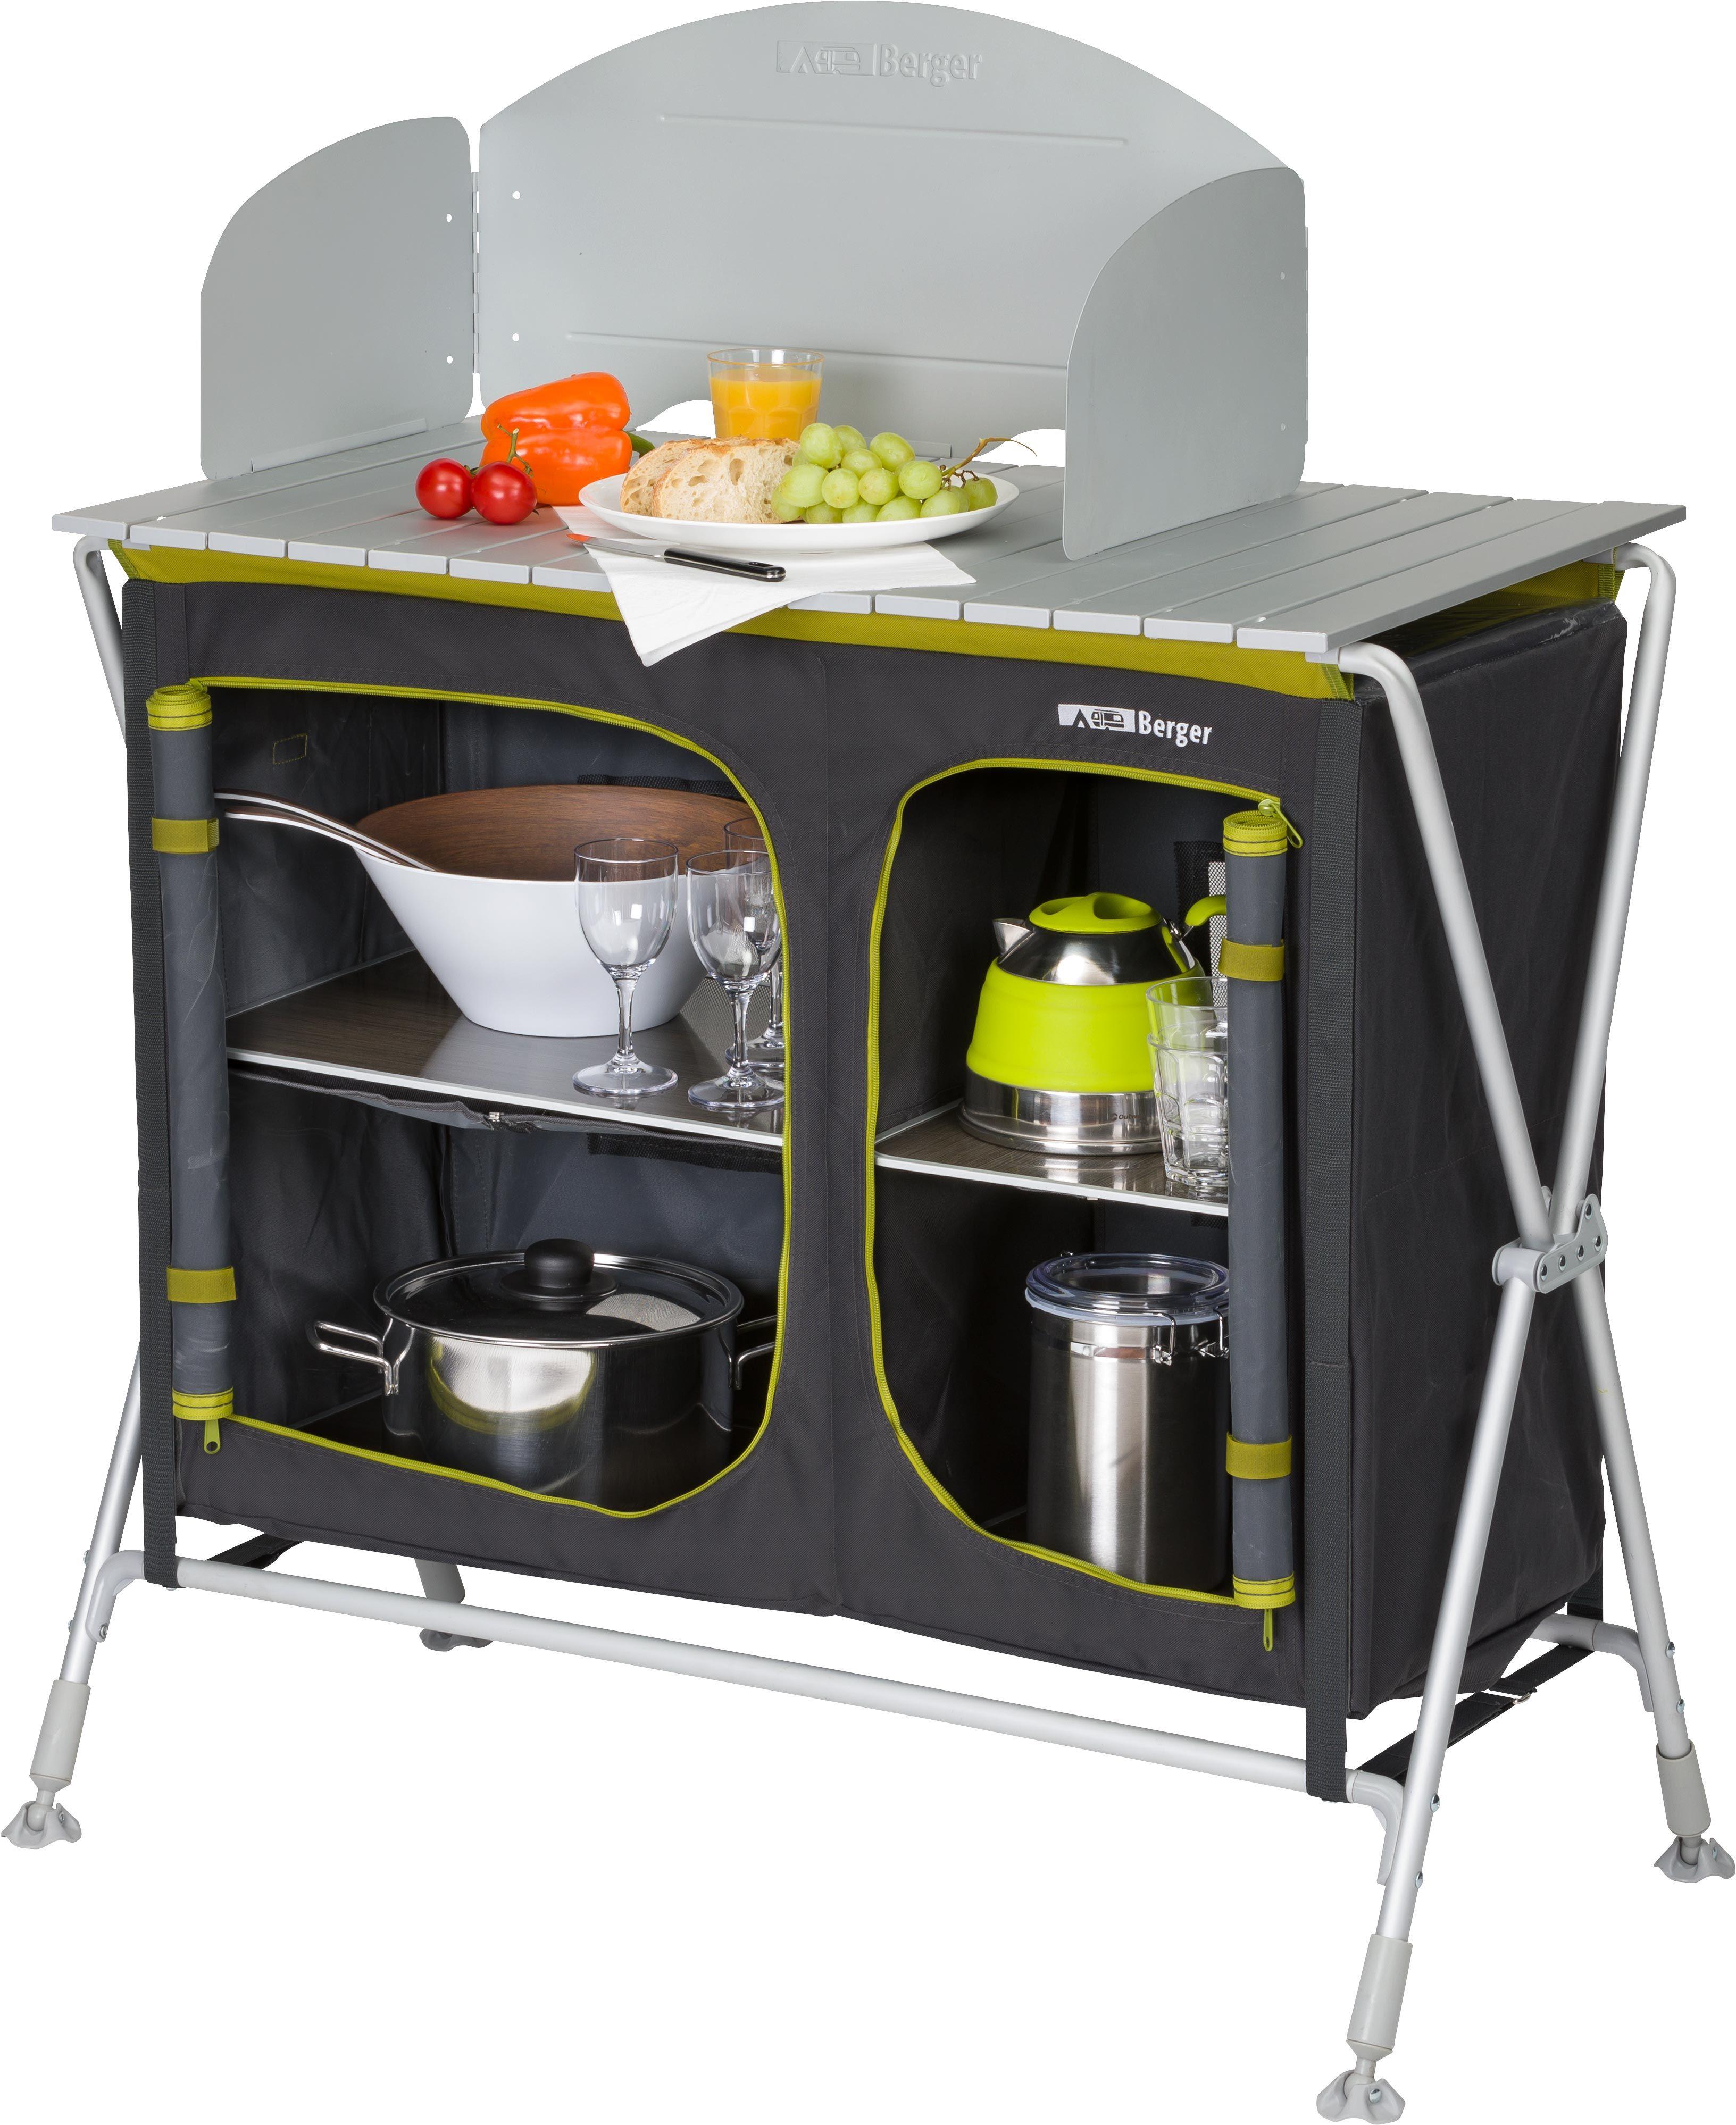 Berger Küchenbox Pablo 04036231059261 Wohnwagen Küche